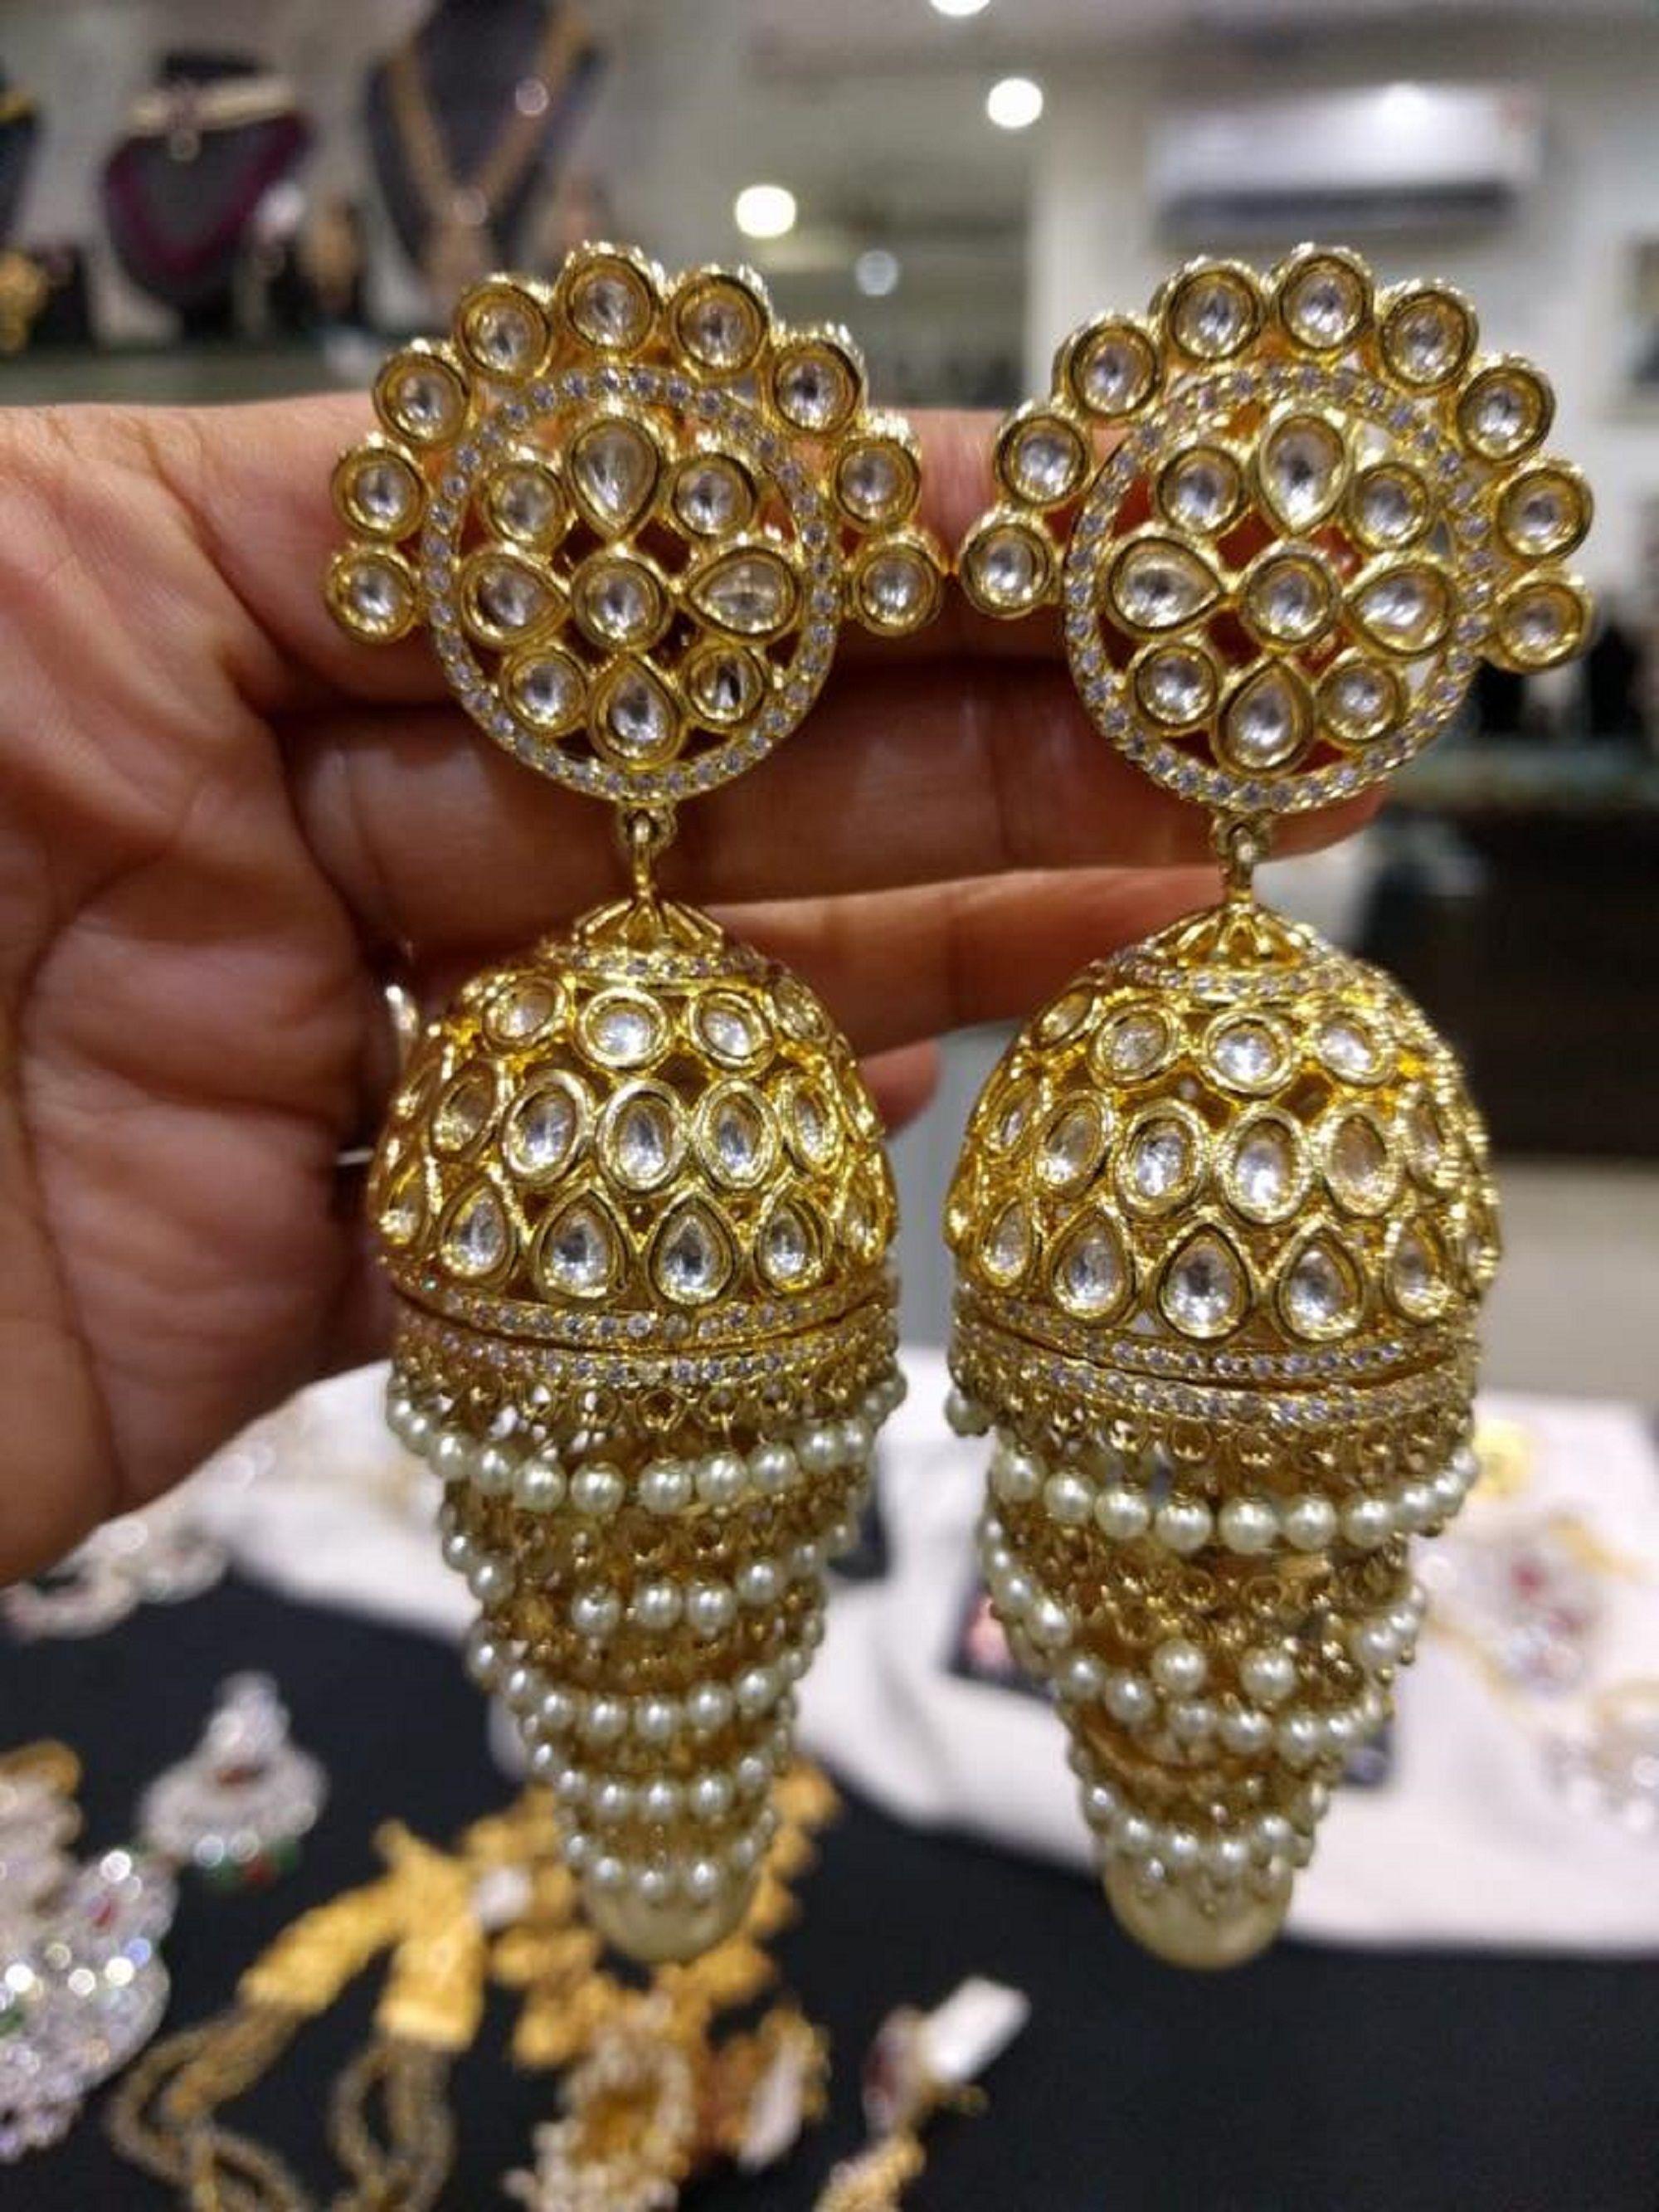 Pin By Ruma Hawkins On Jewelry In 2020 Indian Wedding Jewelry Gold Wedding Jewelry Bridal Jewellery Indian